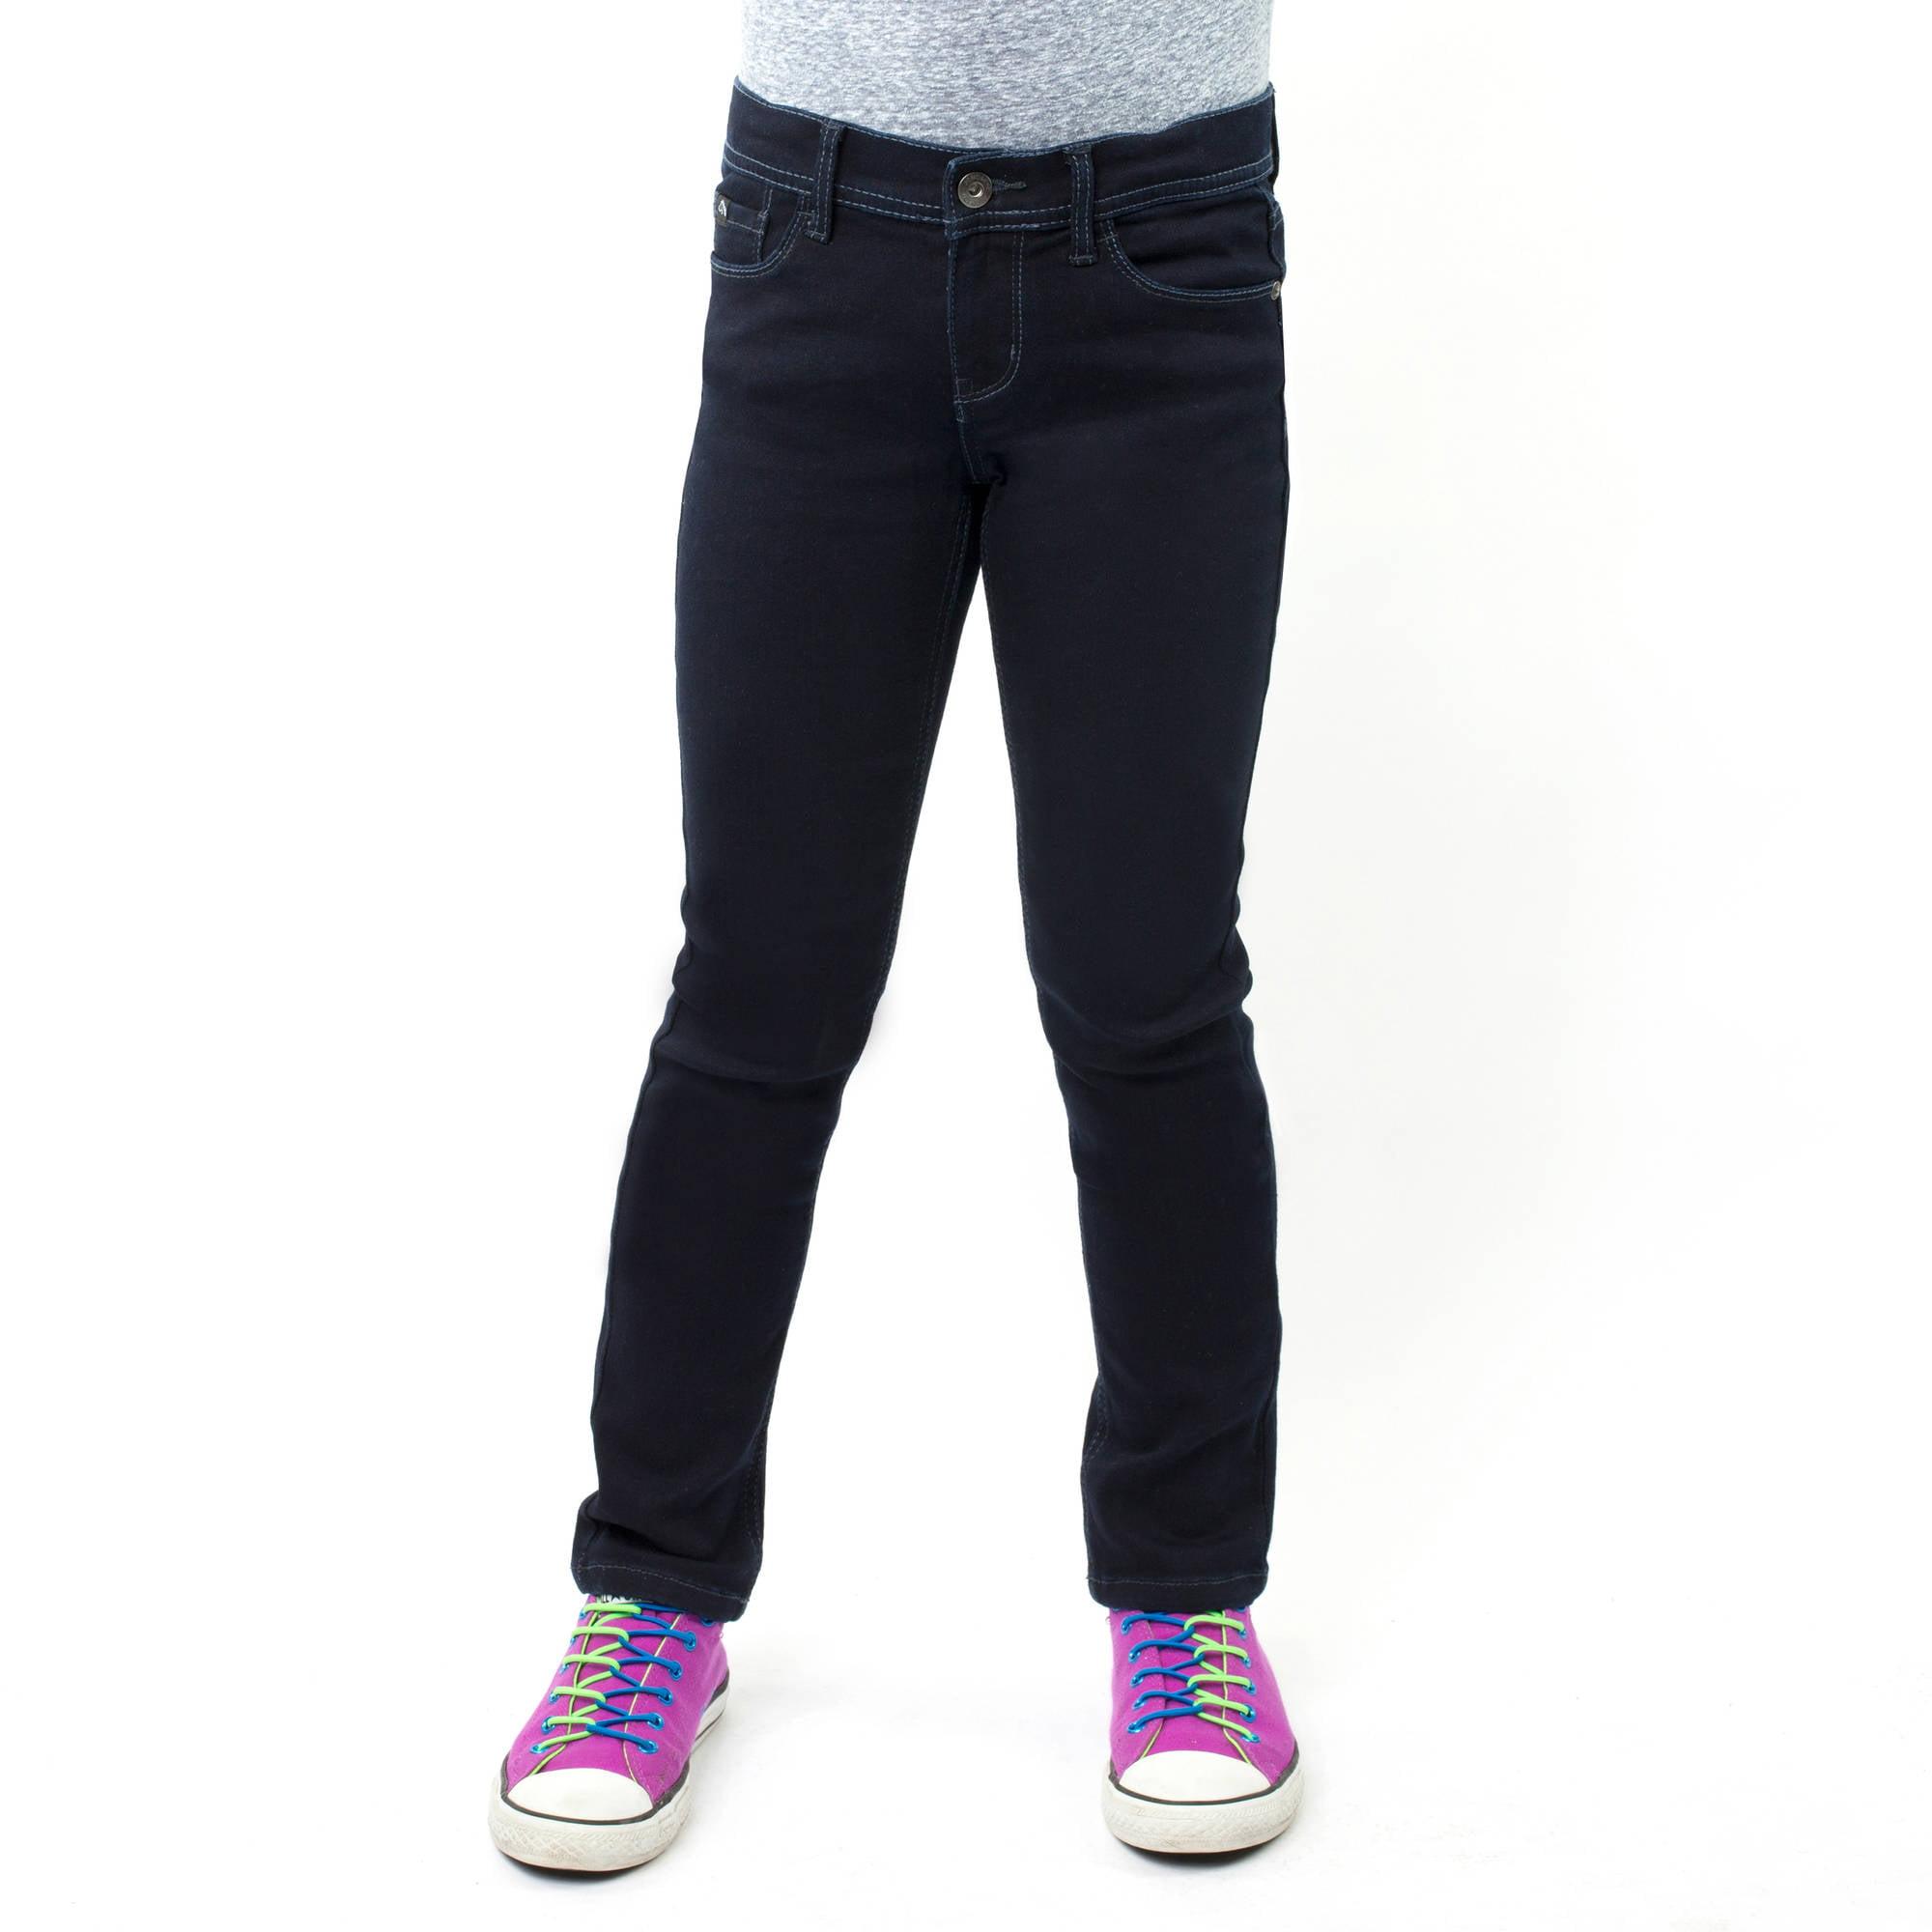 Girls' Jeans - Walmart.com